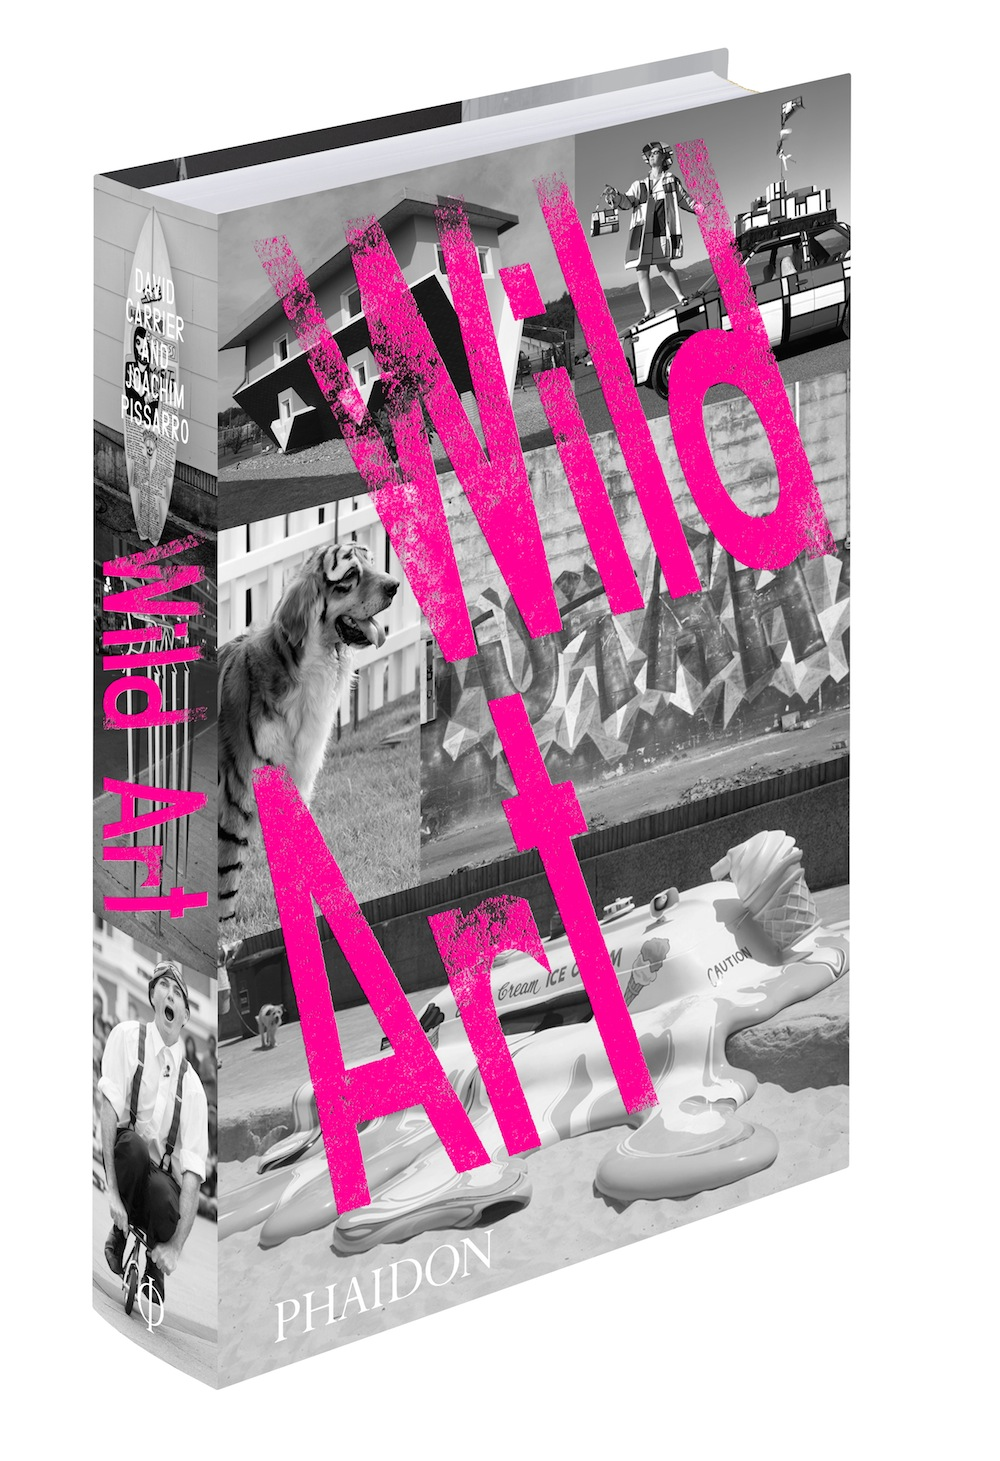 WILD ART book shot WIN! A copy of Phaidons newest book Wild Art